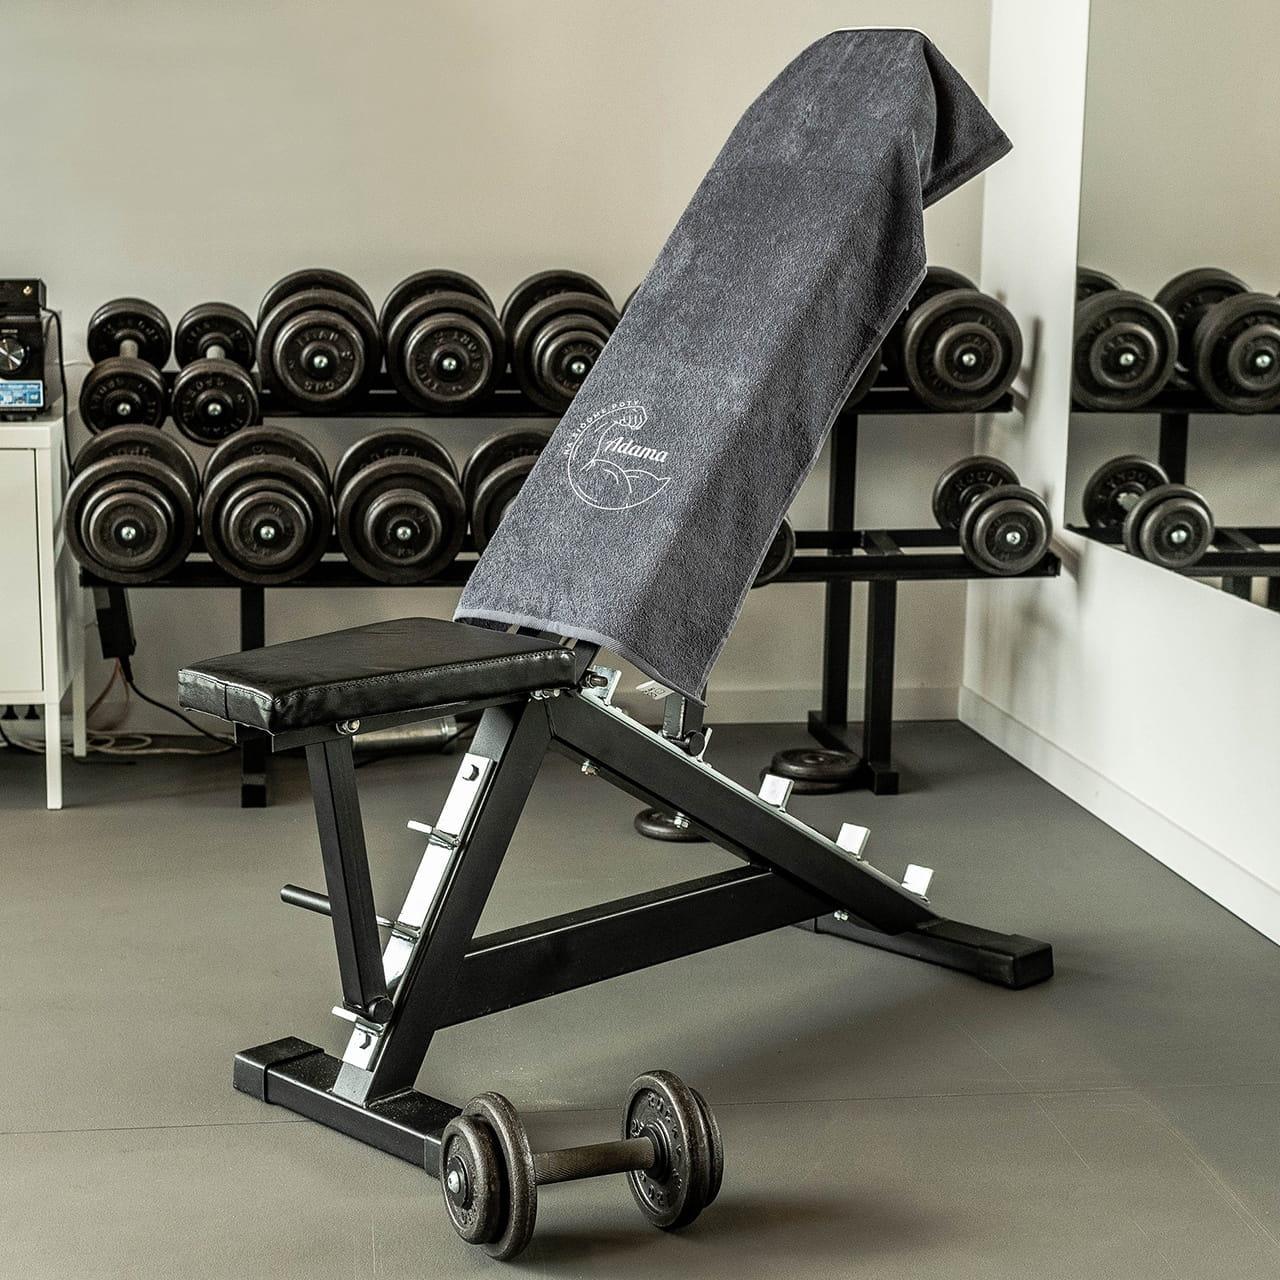 Ręcznik na siłownię to prezent dla chłopaka sportowca